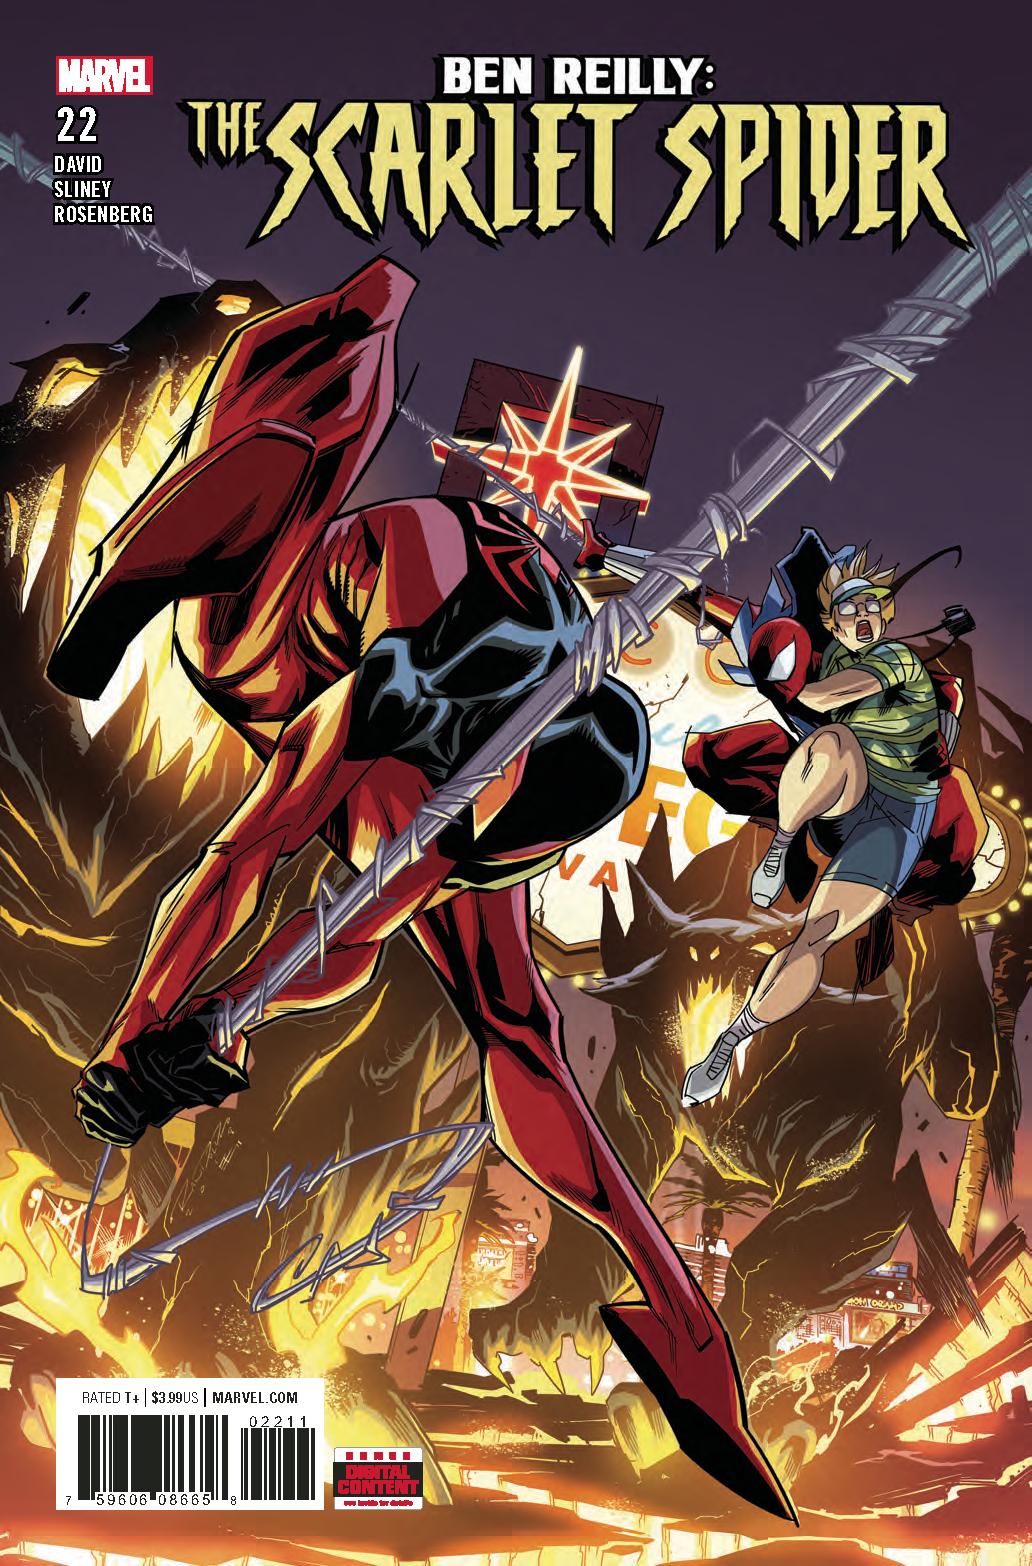 BEN REILLY SCARLET SPIDER #22